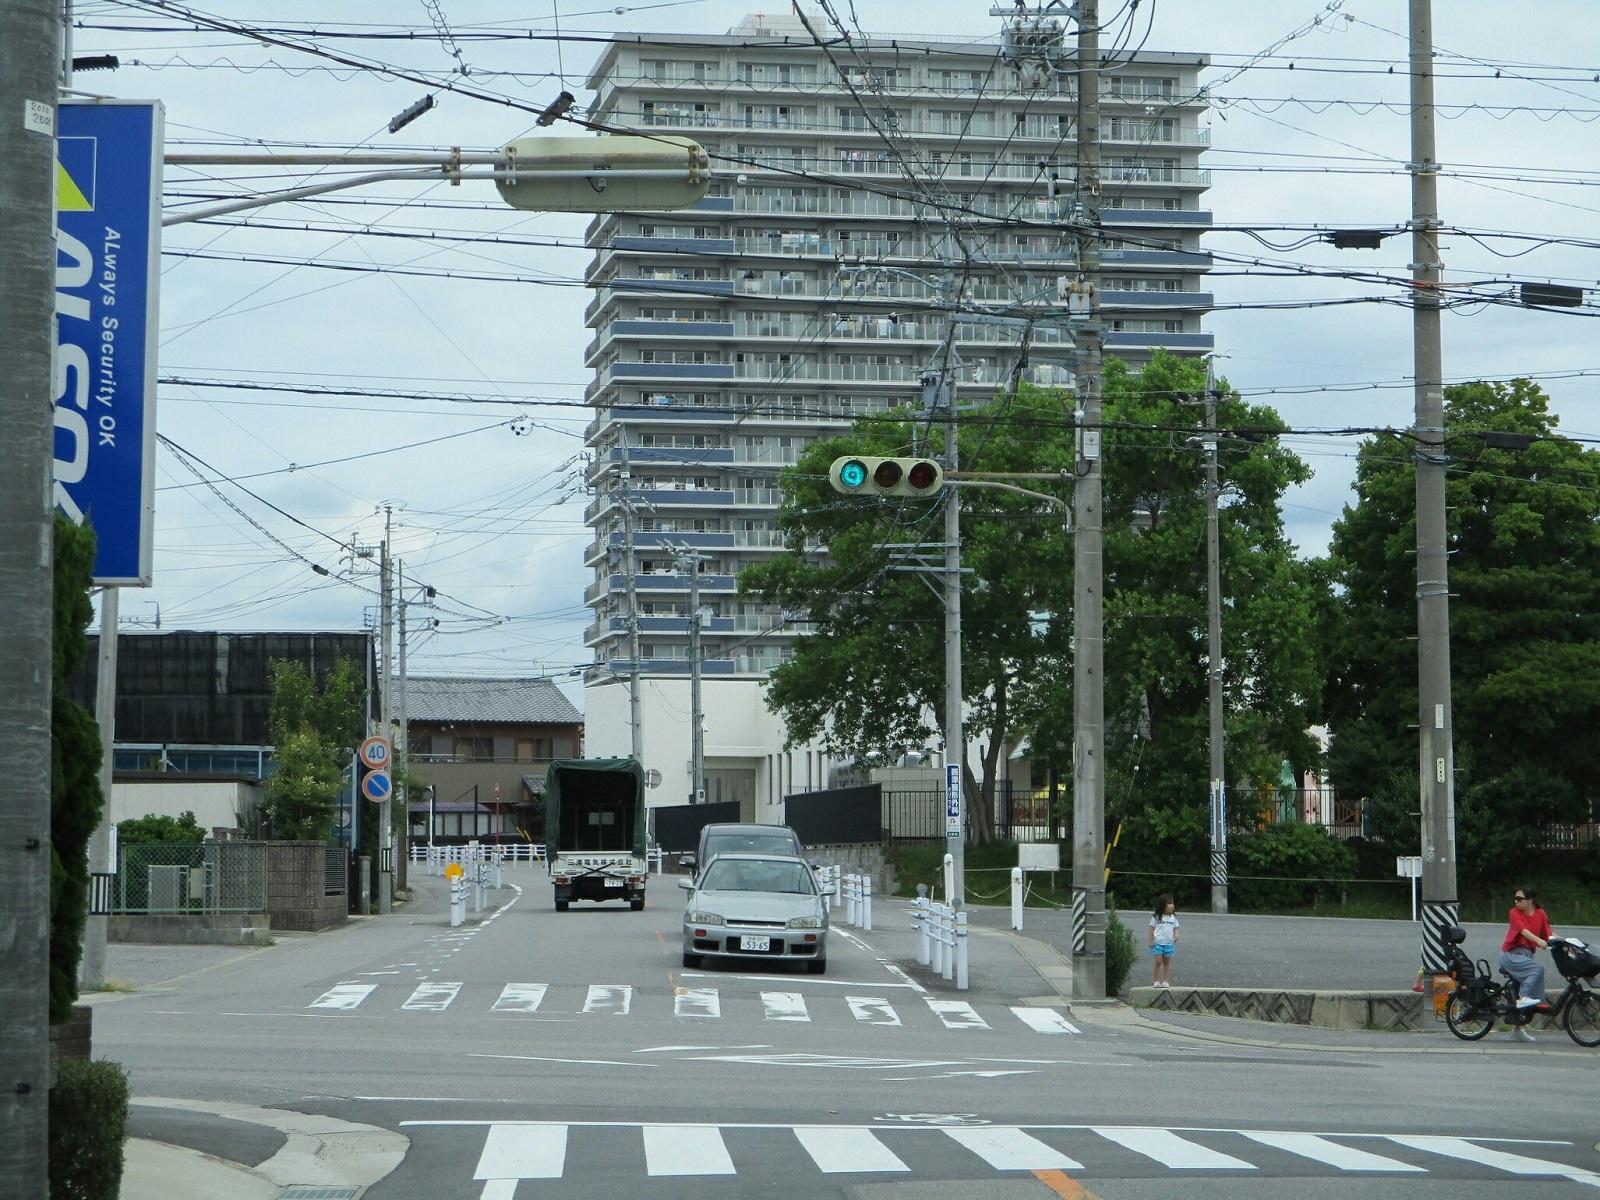 2018.6.19 (24) 美合駅いきバス - 緑丘西交差点右折 1600-1200